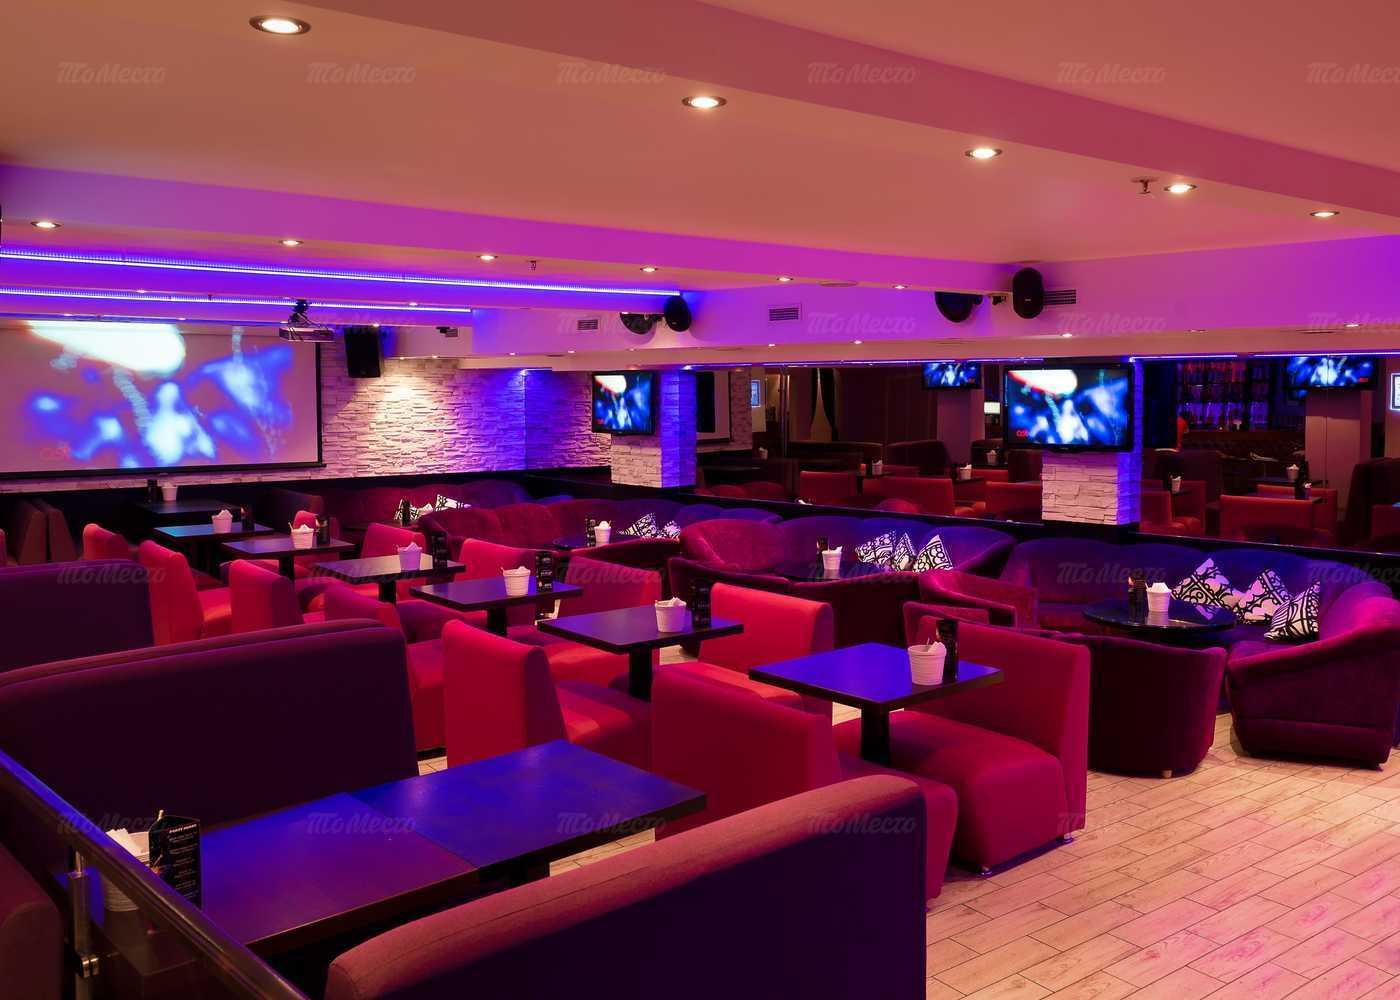 Караоке клуб Хаус на проспекте Энгельса фото 2